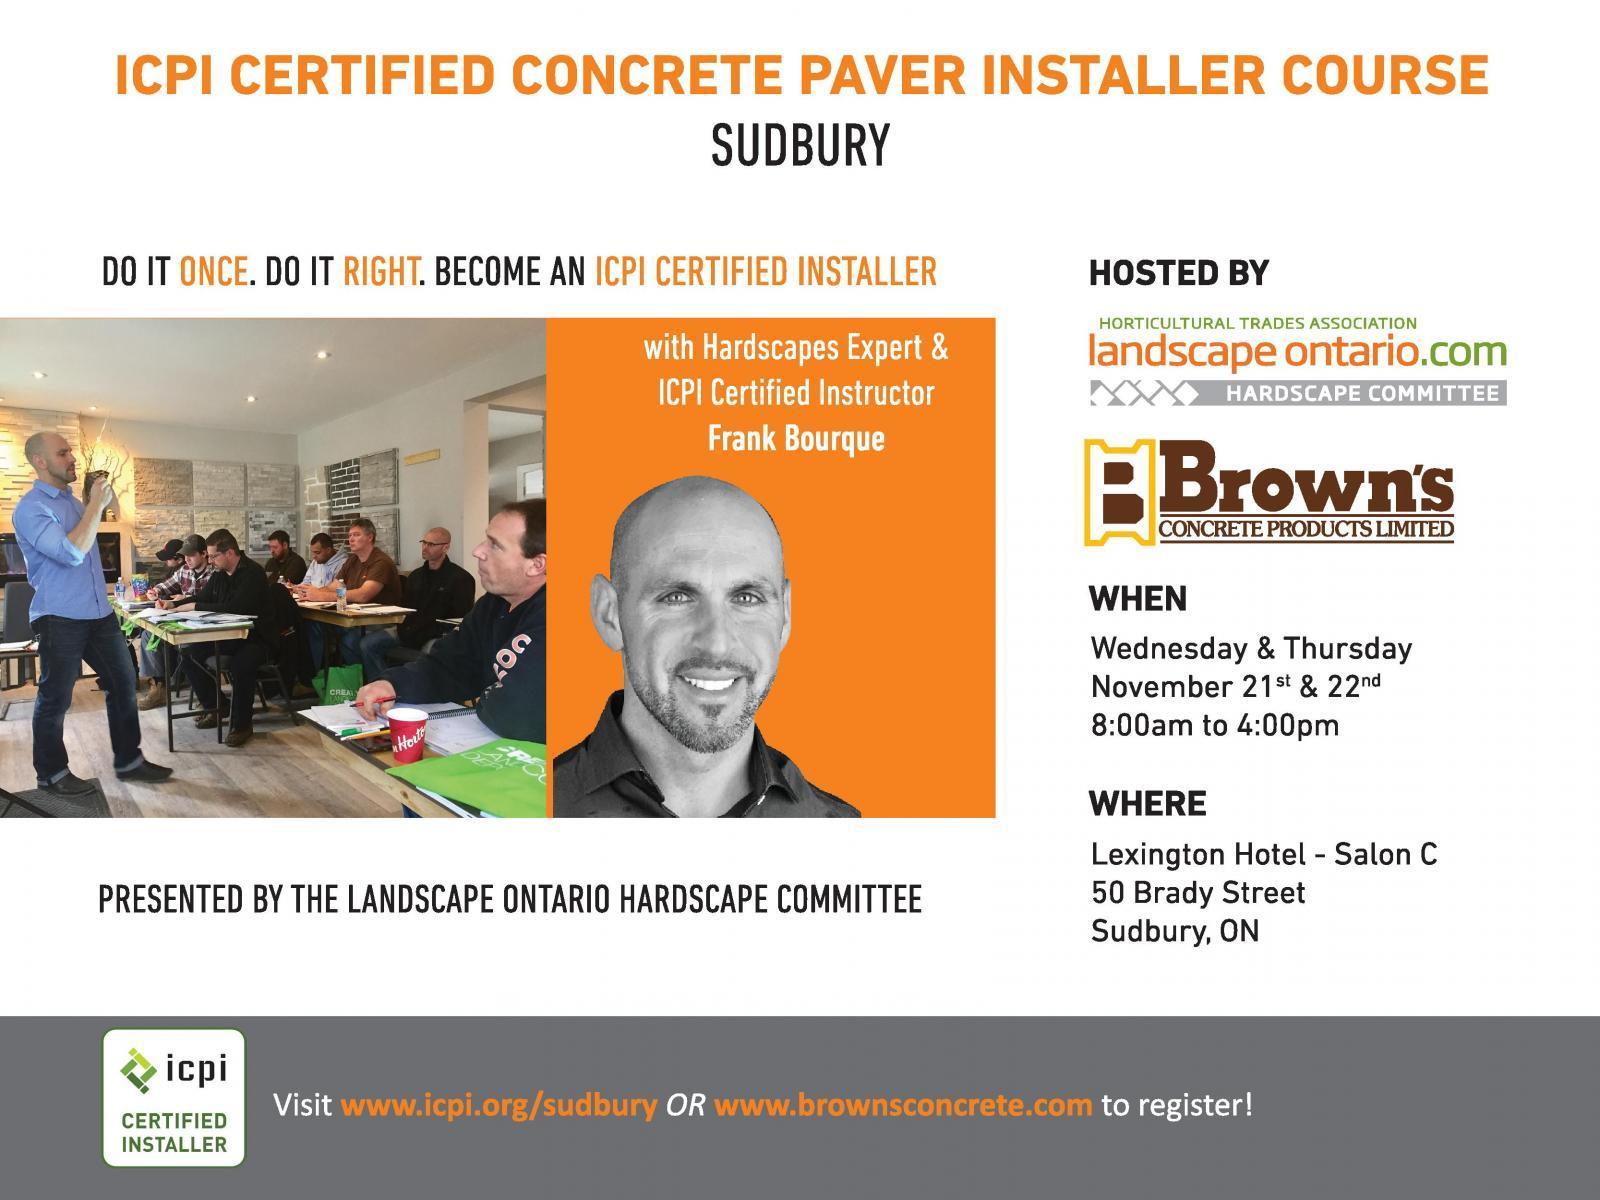 ICPI Concrete Paver Installer Course